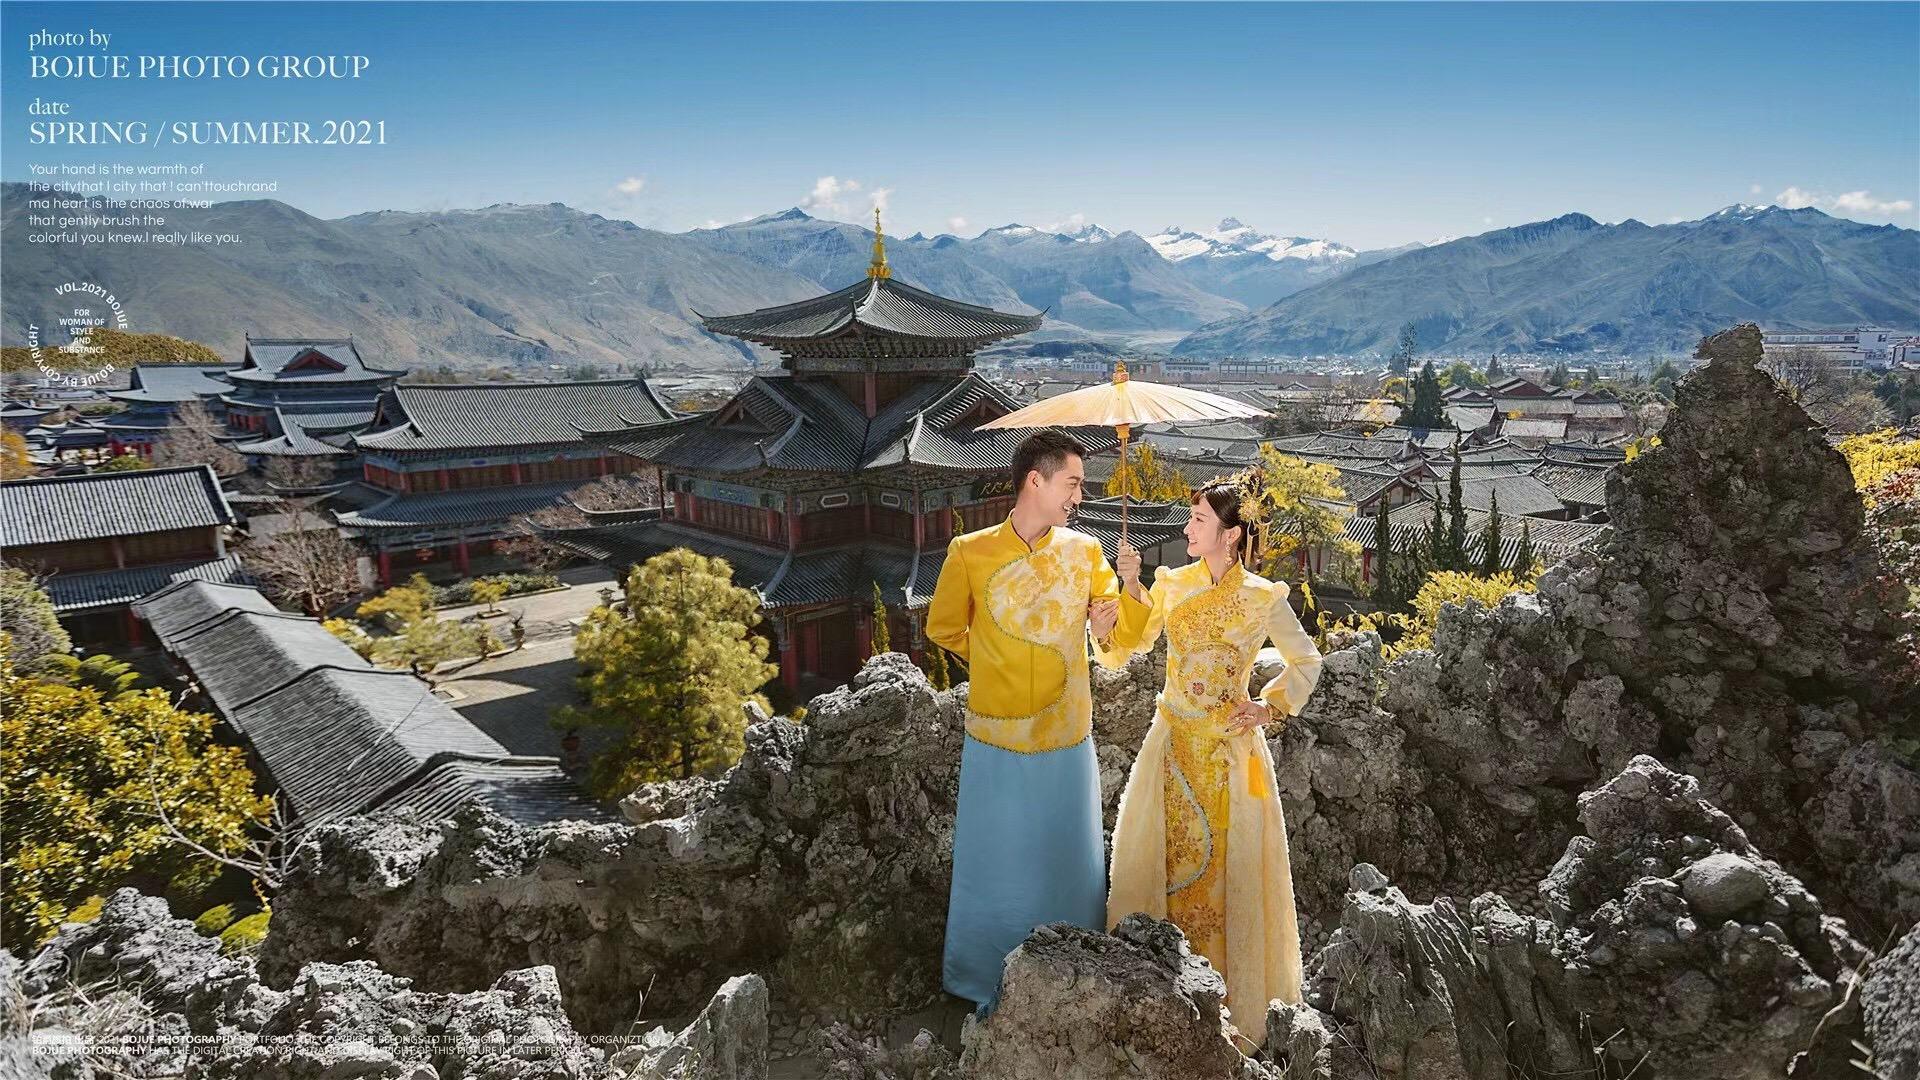 铂爵旅拍丽江婚纱摄影 说走就走的婚纱照旅拍体验